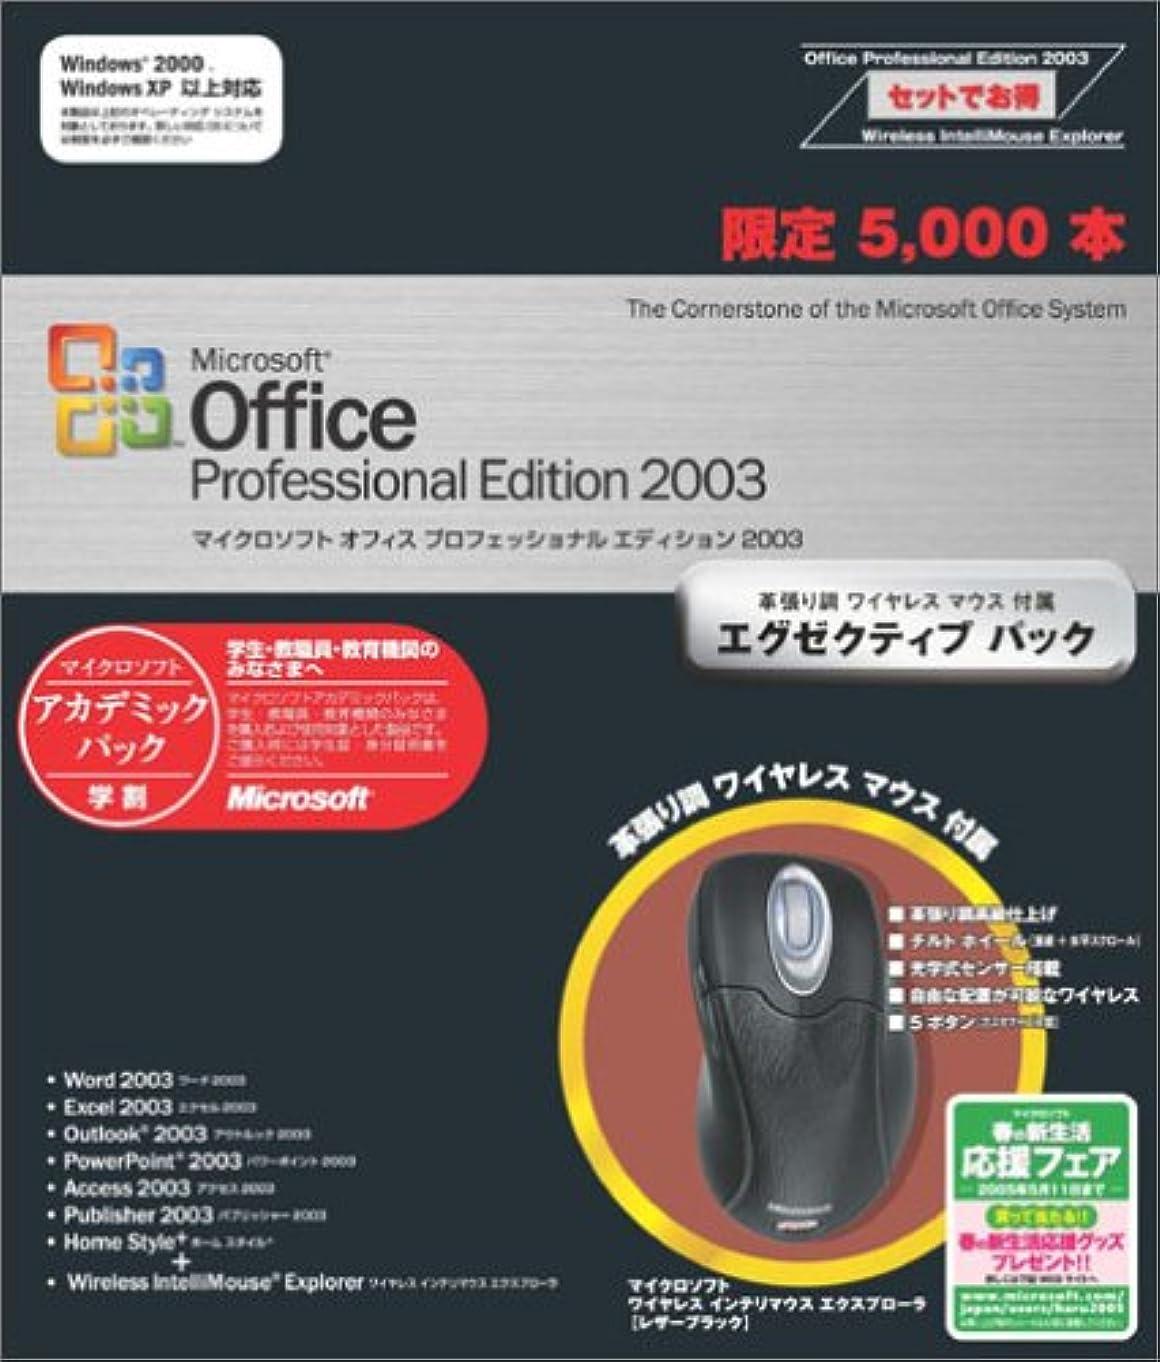 操作支援する本物の【旧商品/サポート終了】Microsoft Office Professional Edition 2003 アカデミック エグゼクティブパック